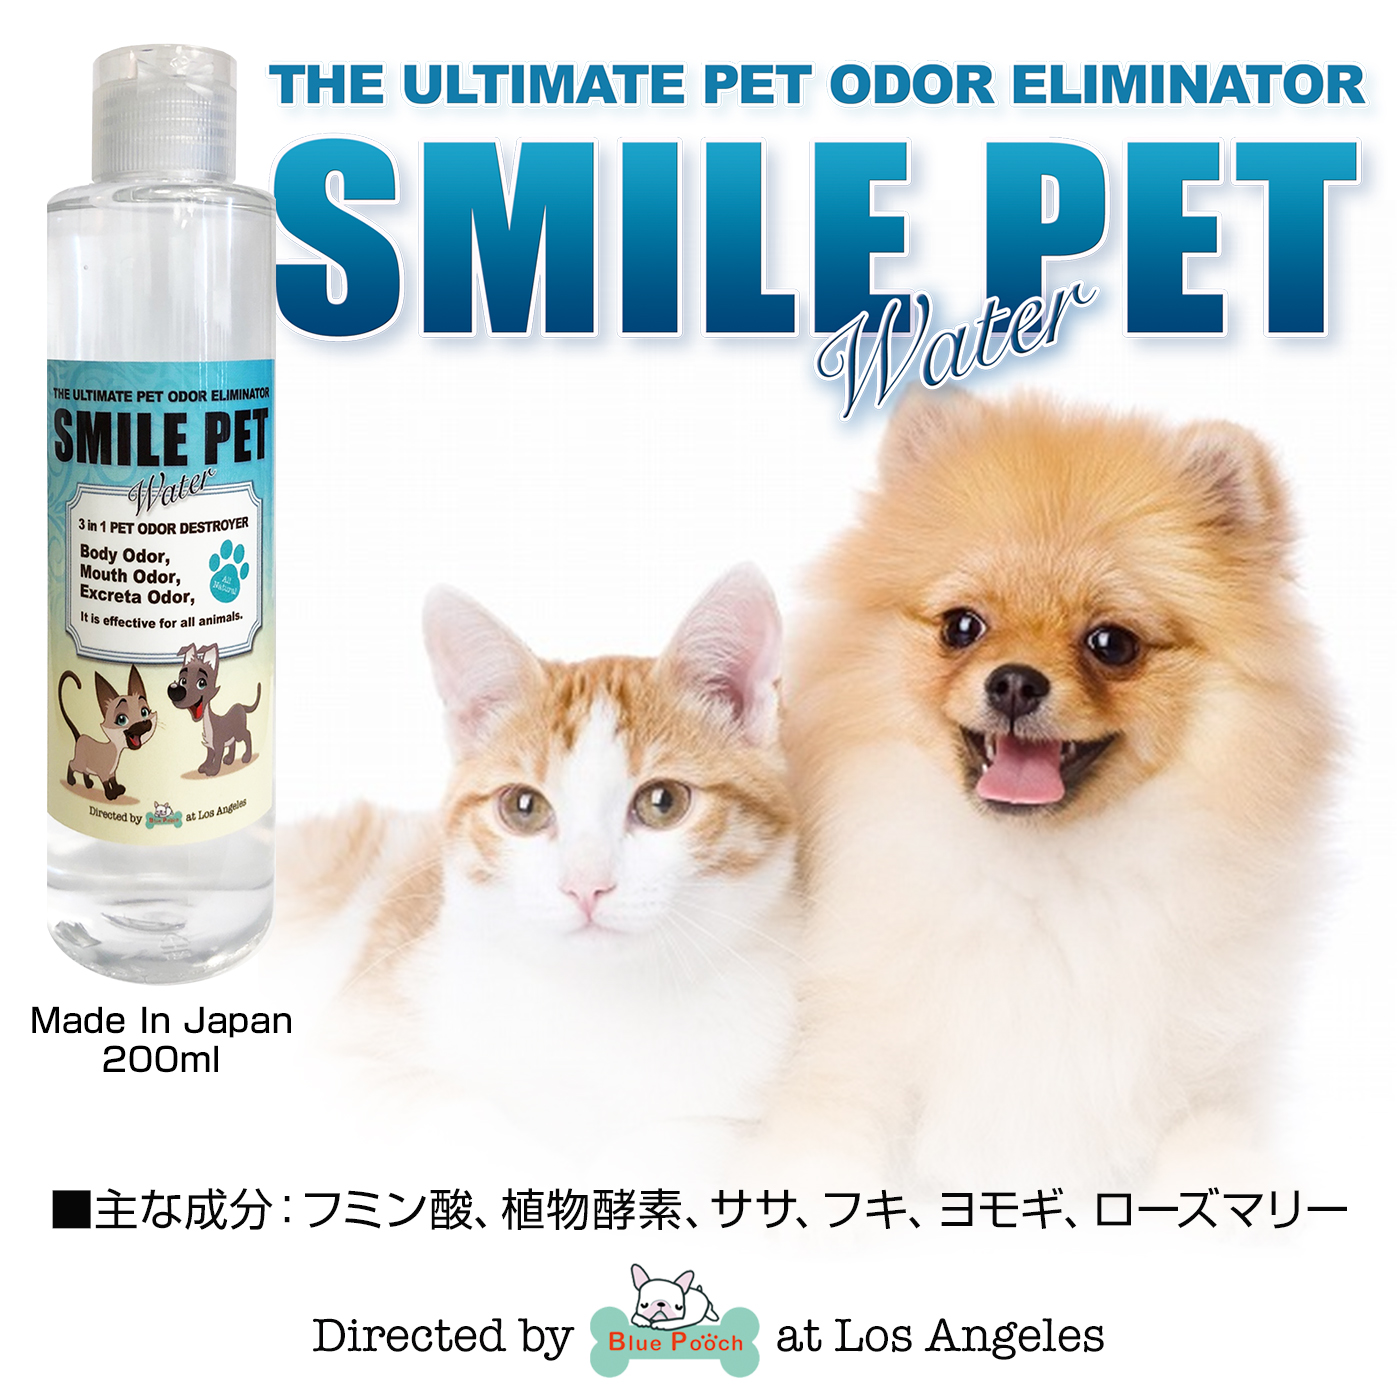 スマイルペット200ml  ペットの身体の中から消臭する新感覚の水 「口臭」「体臭」「便臭」など、ペットの嫌な臭いに 天然植物成分100%だから安心!安全